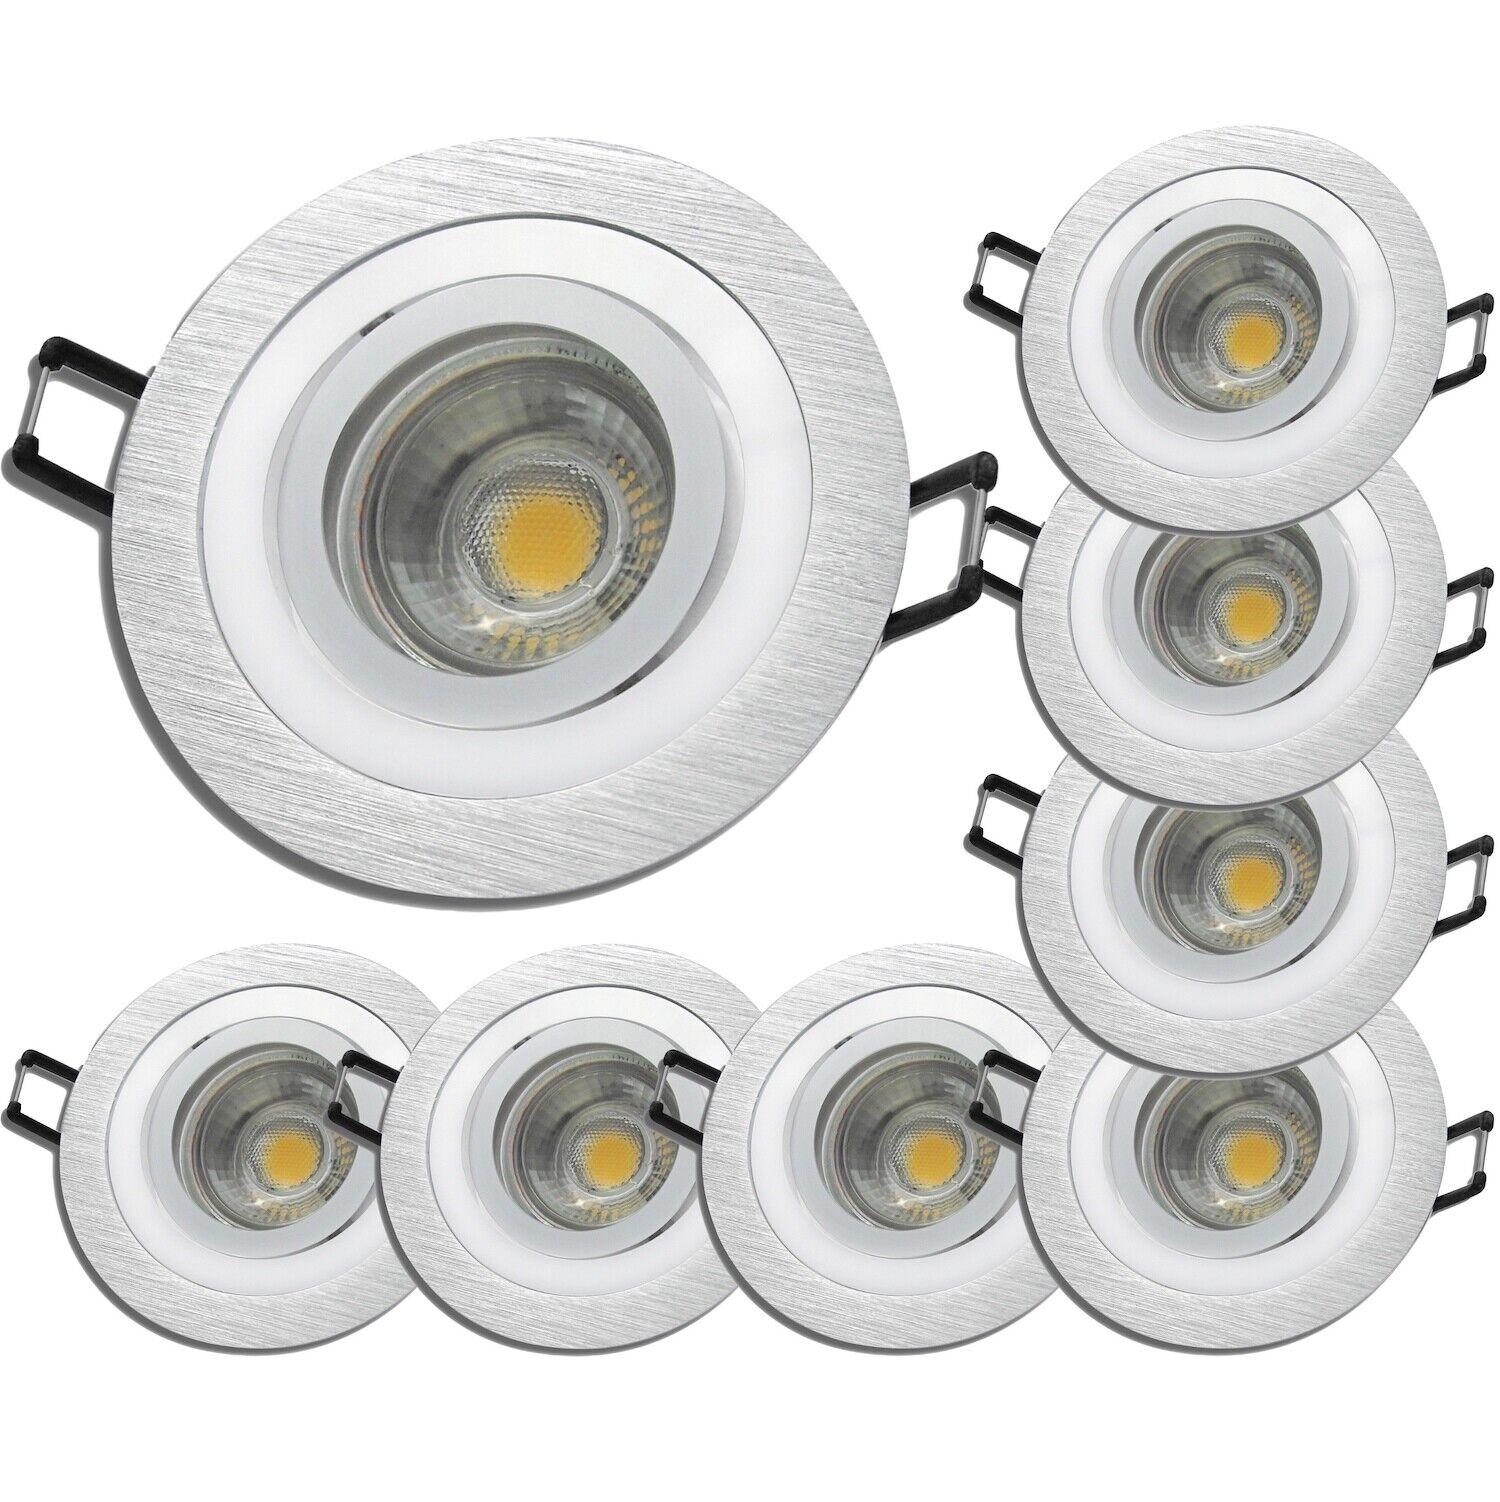 8 x Einbaustrahler Lisa   LED   5W   400Lumen   220V   EEK A+   Silber   Alu geb